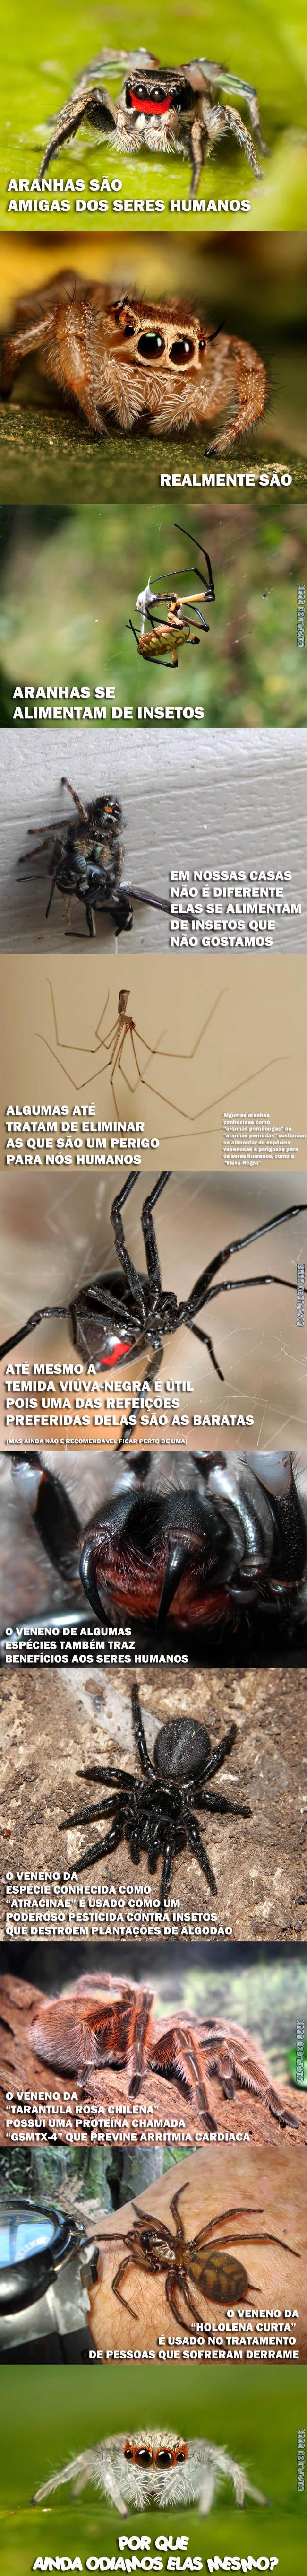 Spider The Dark Knight part 0